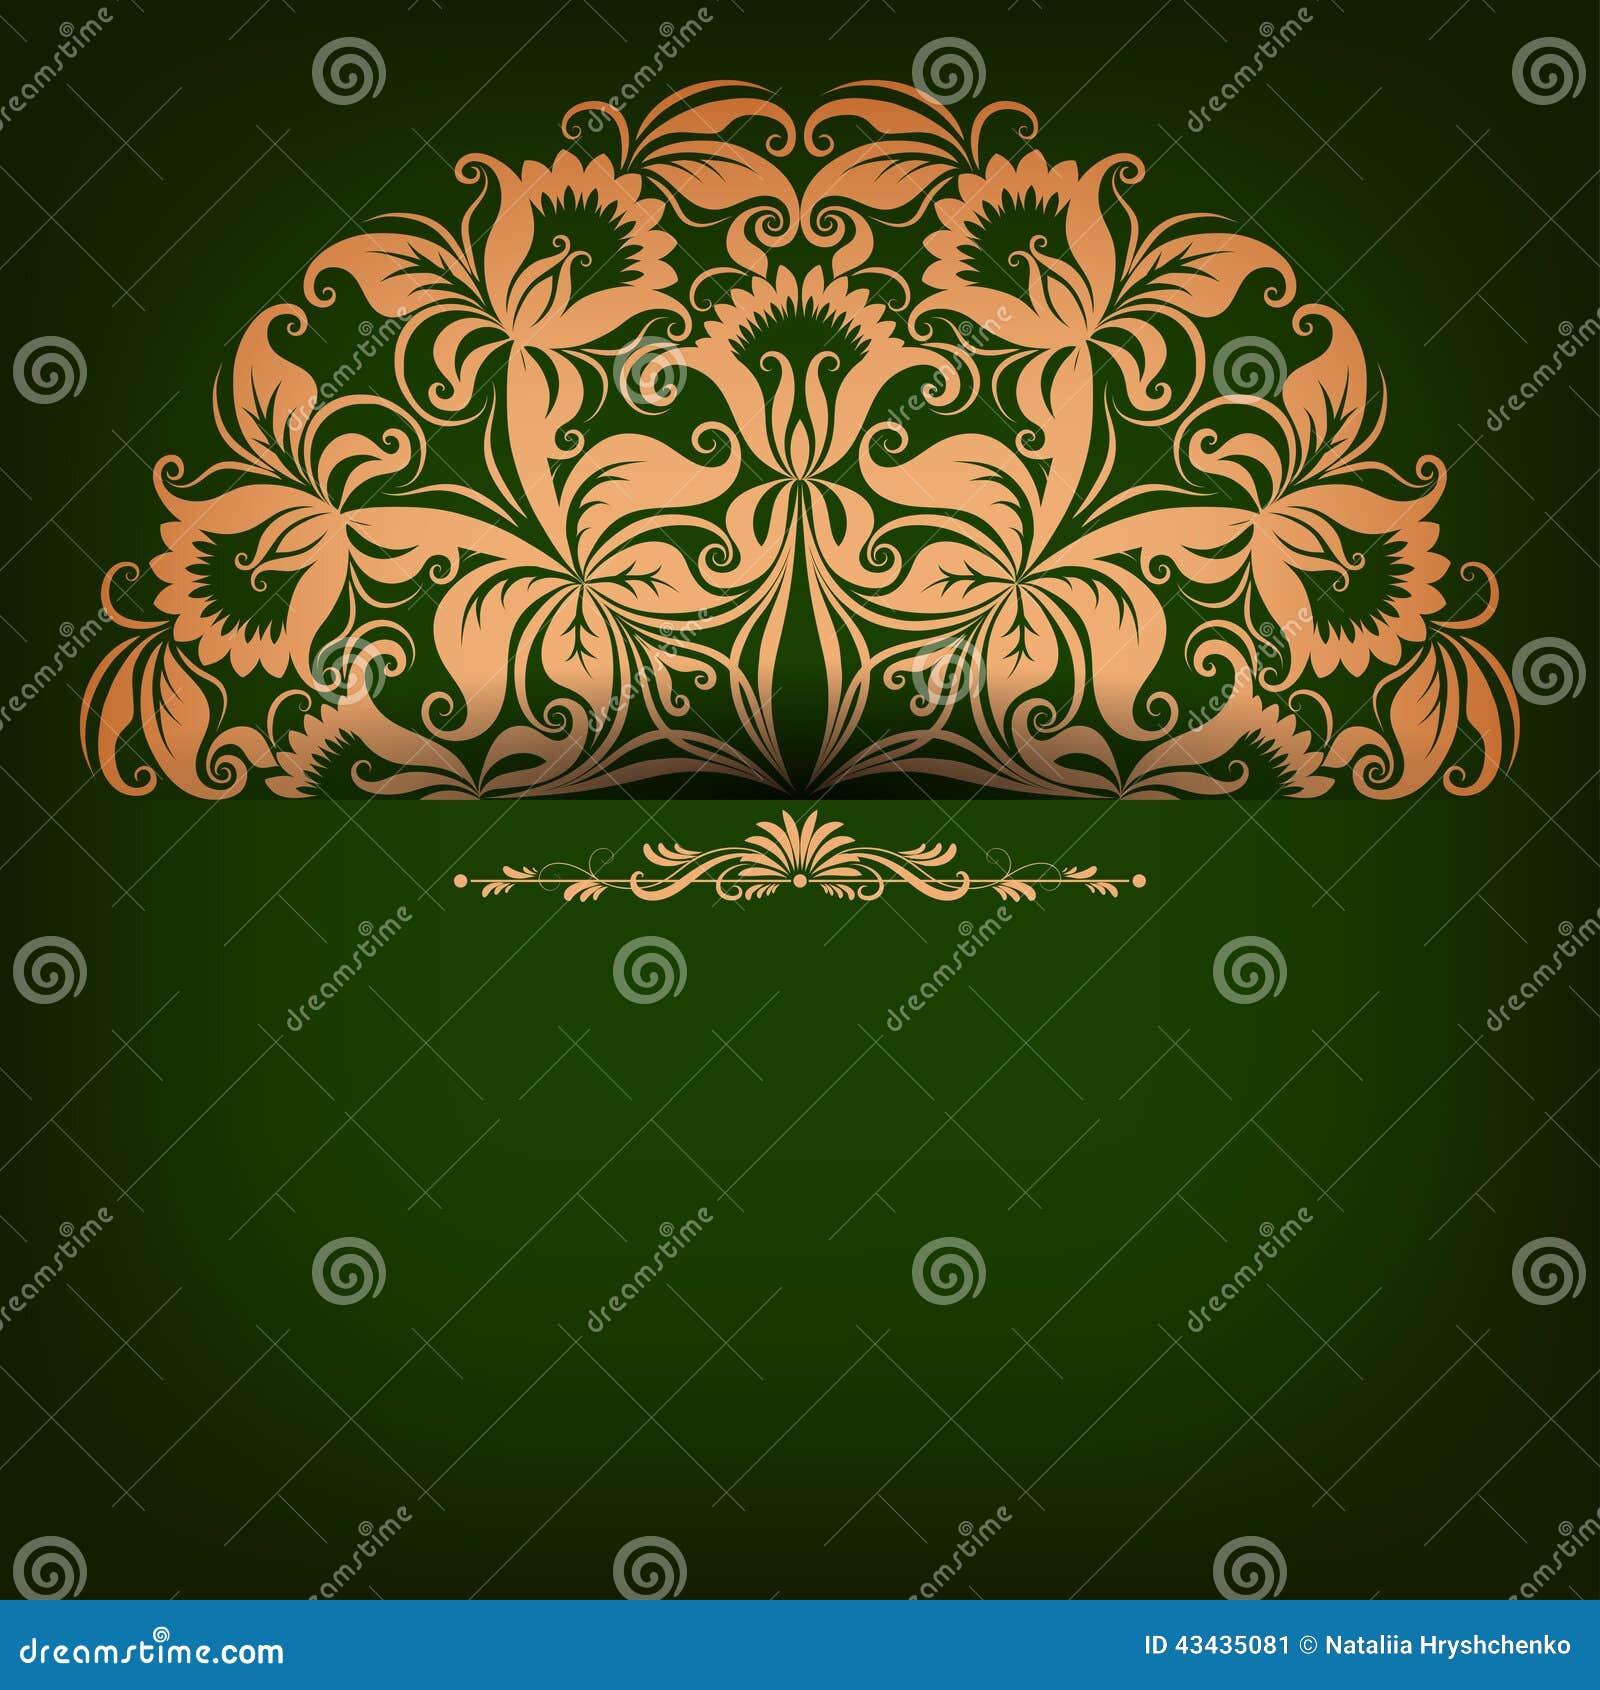 elegant filigree background with - photo #1